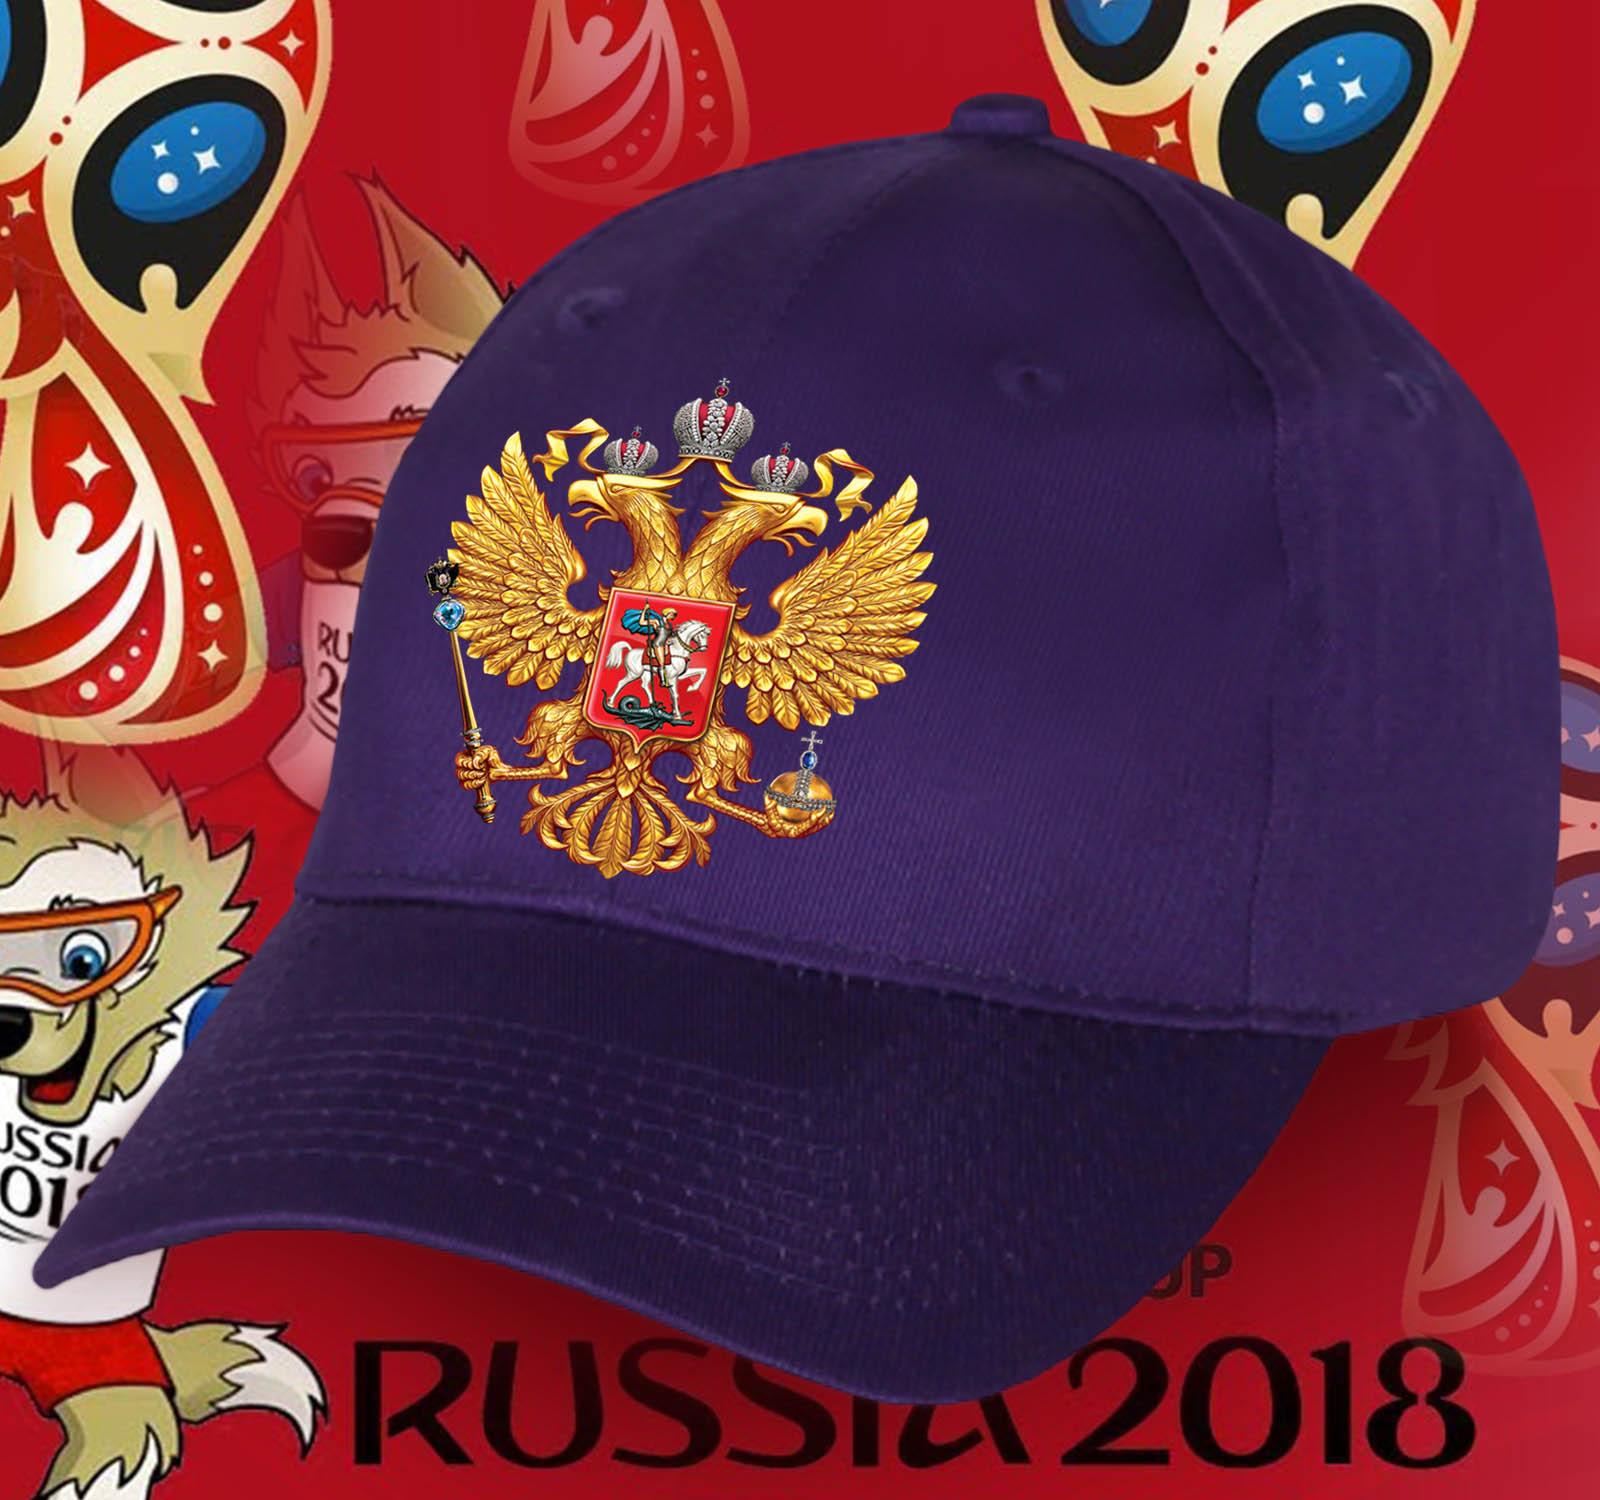 Коллекционная бейсболка с гербом РФ